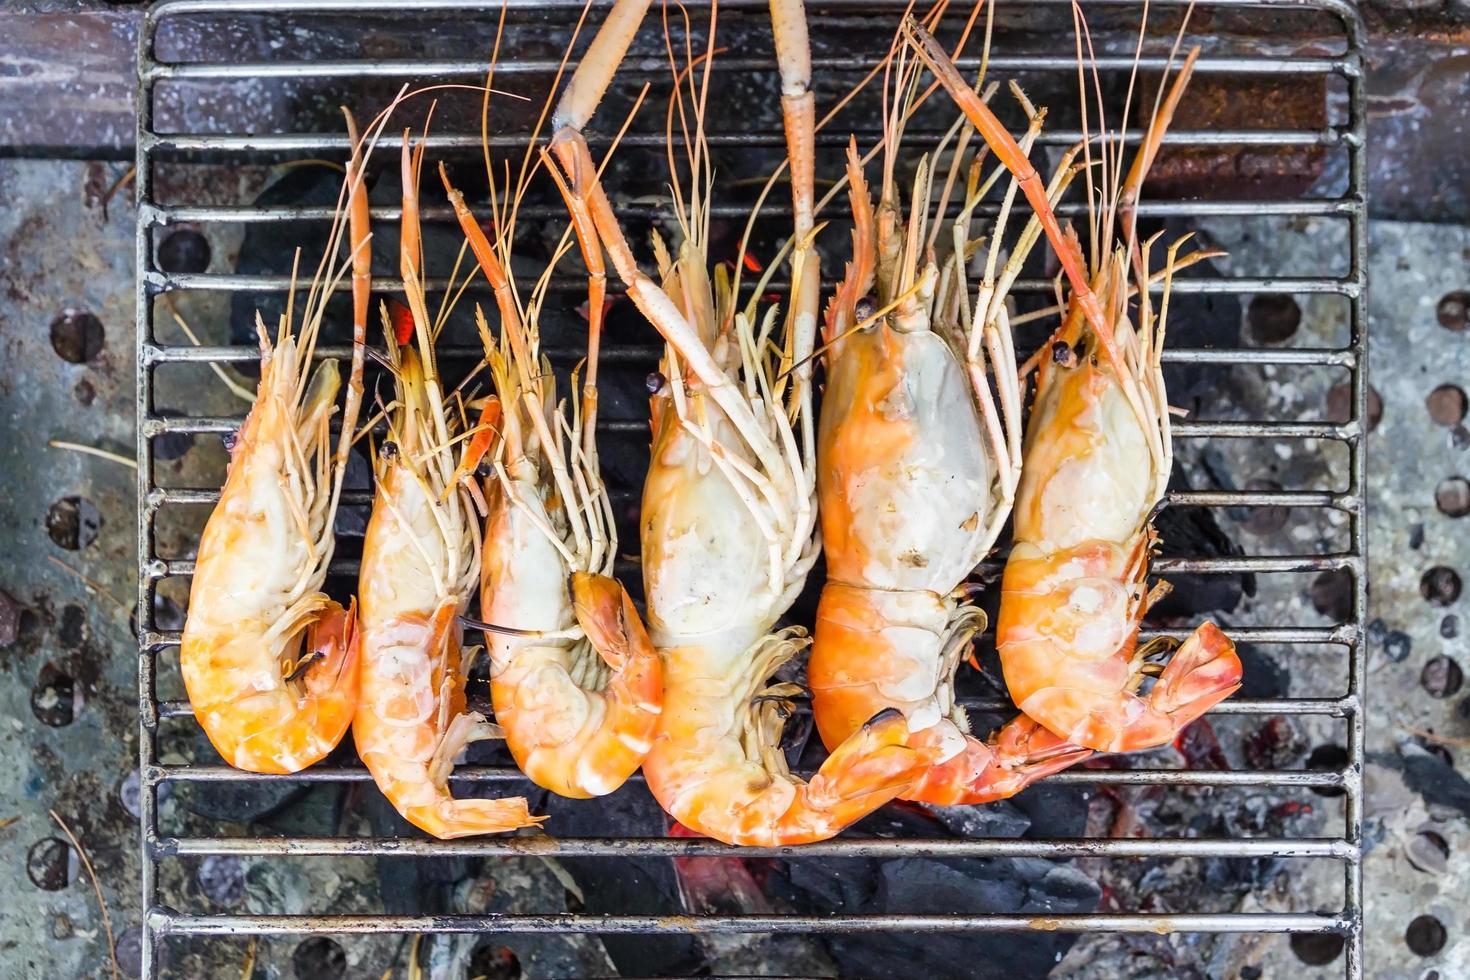 flodräka eller flodräka grillad grillad fisk och skaldjur på kolspis. närbild på eldad mat, thailändsk skaldjur foto